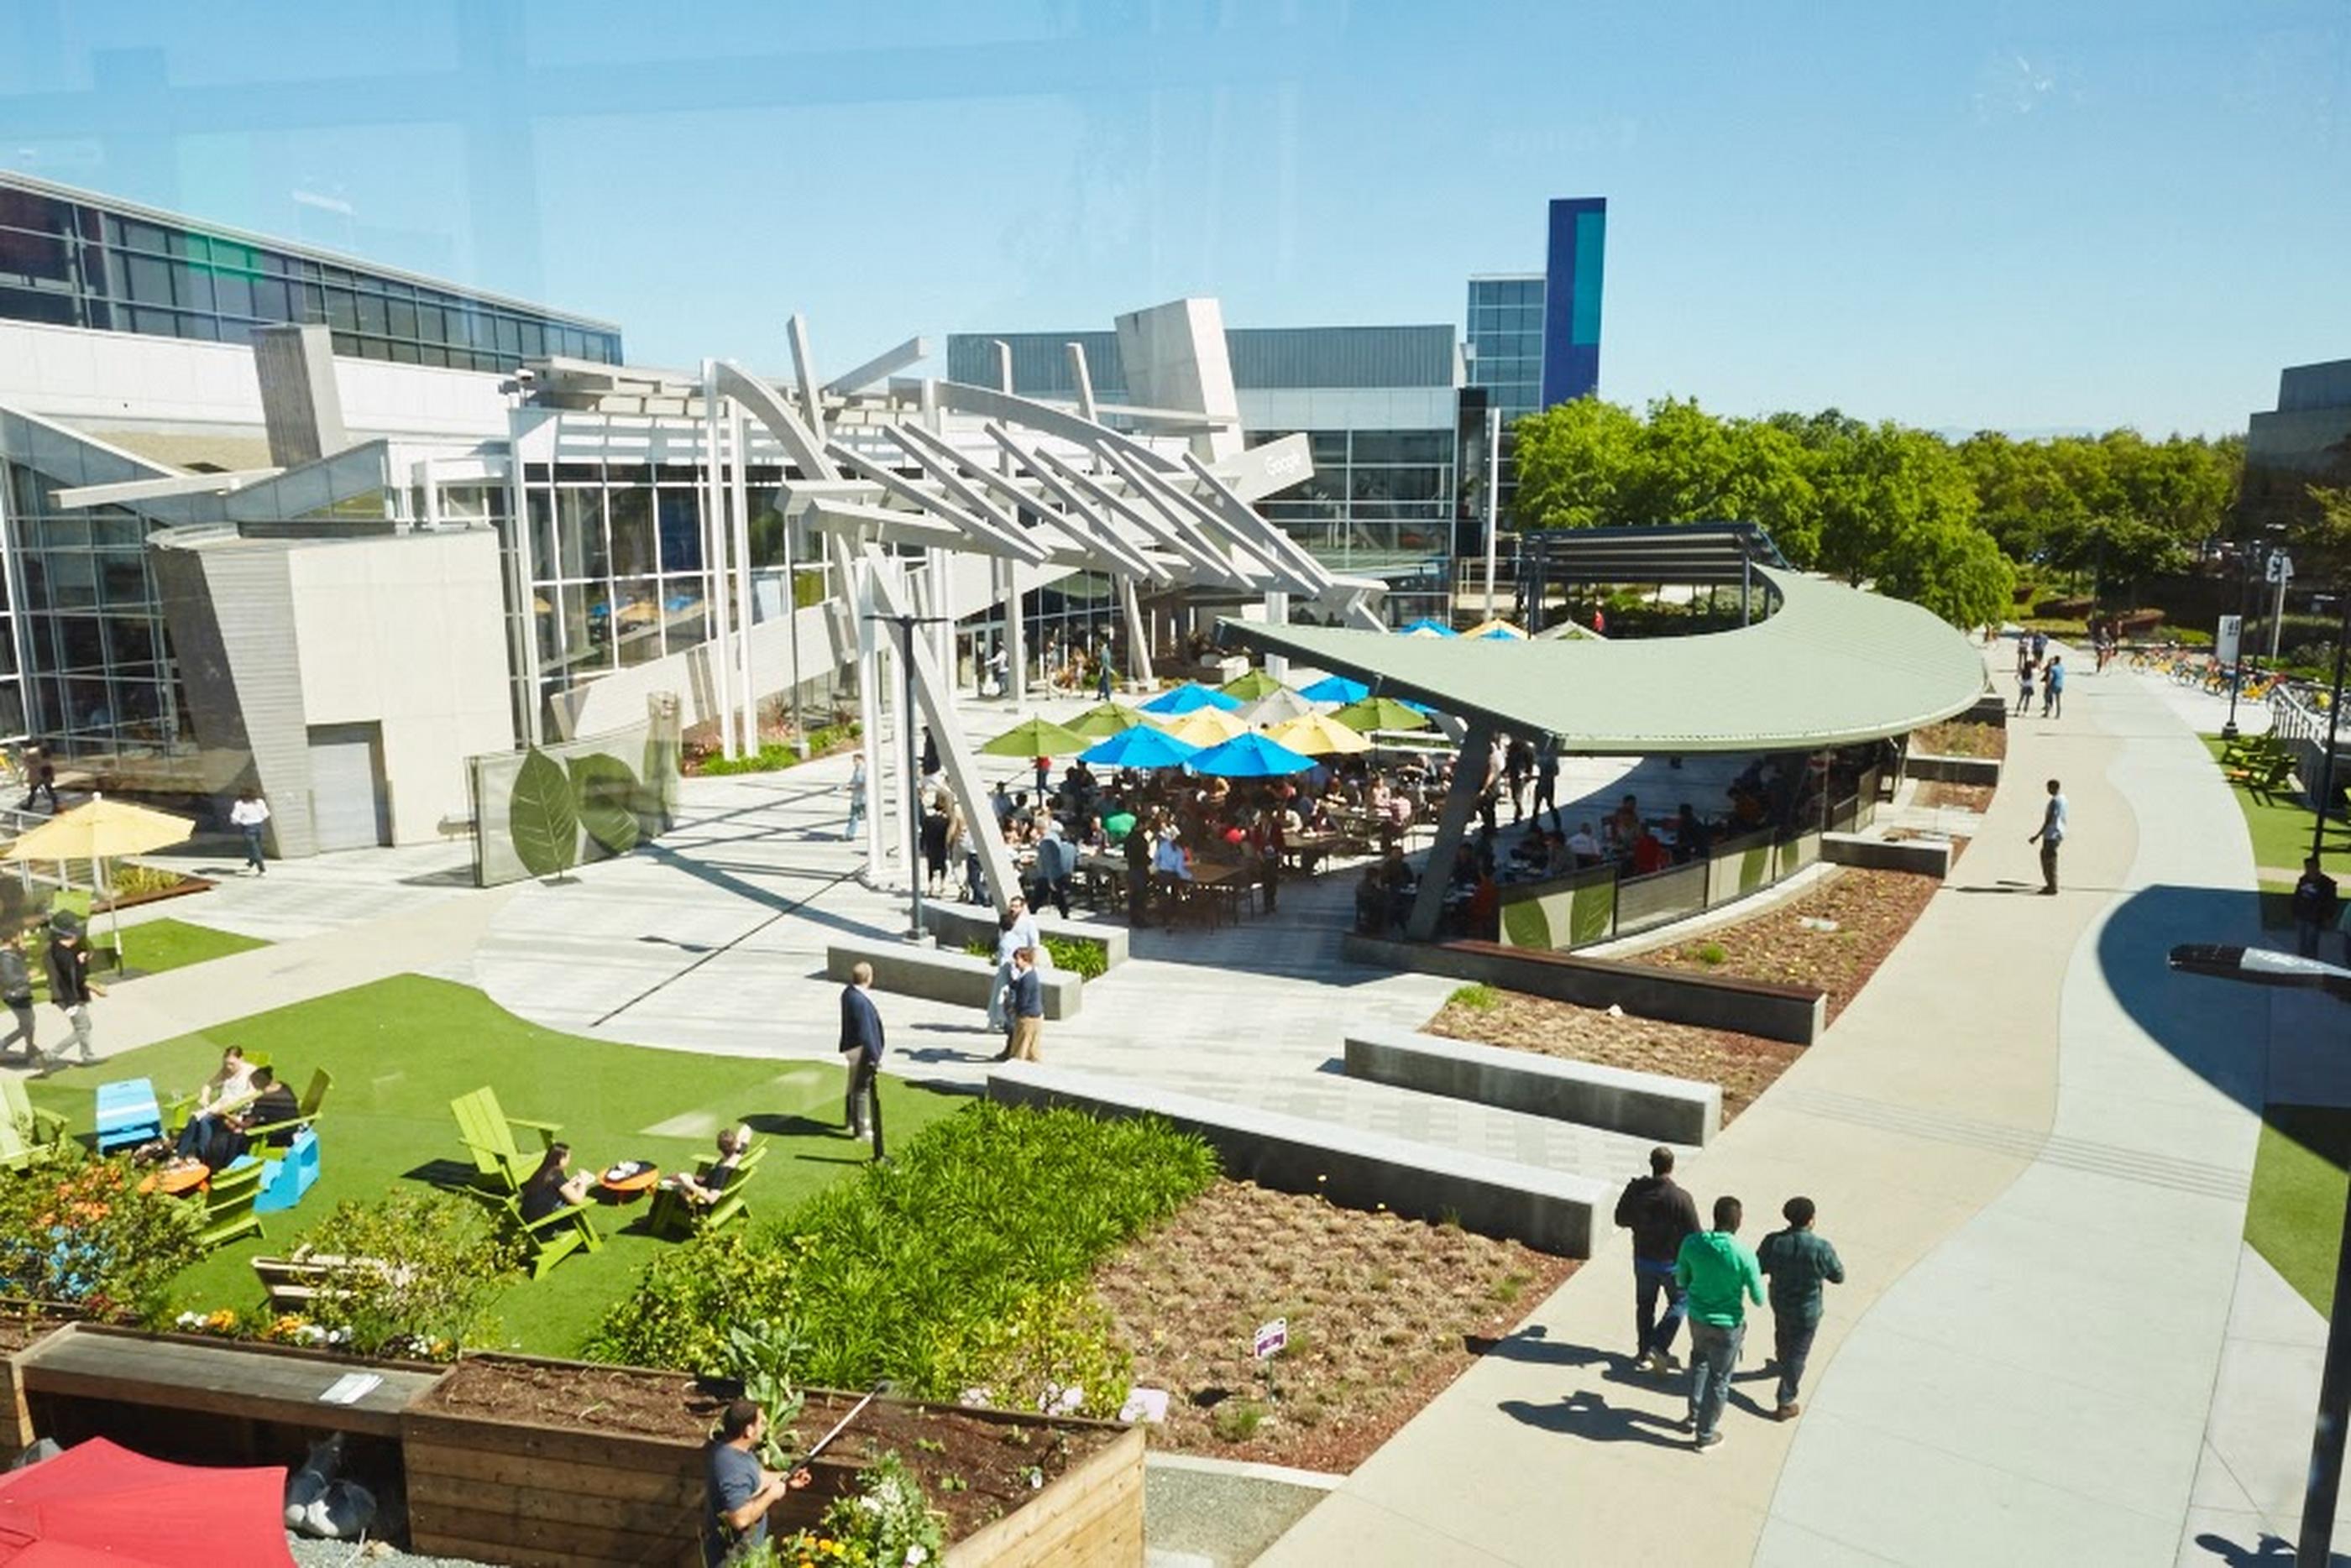 Google Campus - Schein hin oder her, Google nervt! / Bild-Quelle: Google Press/Google